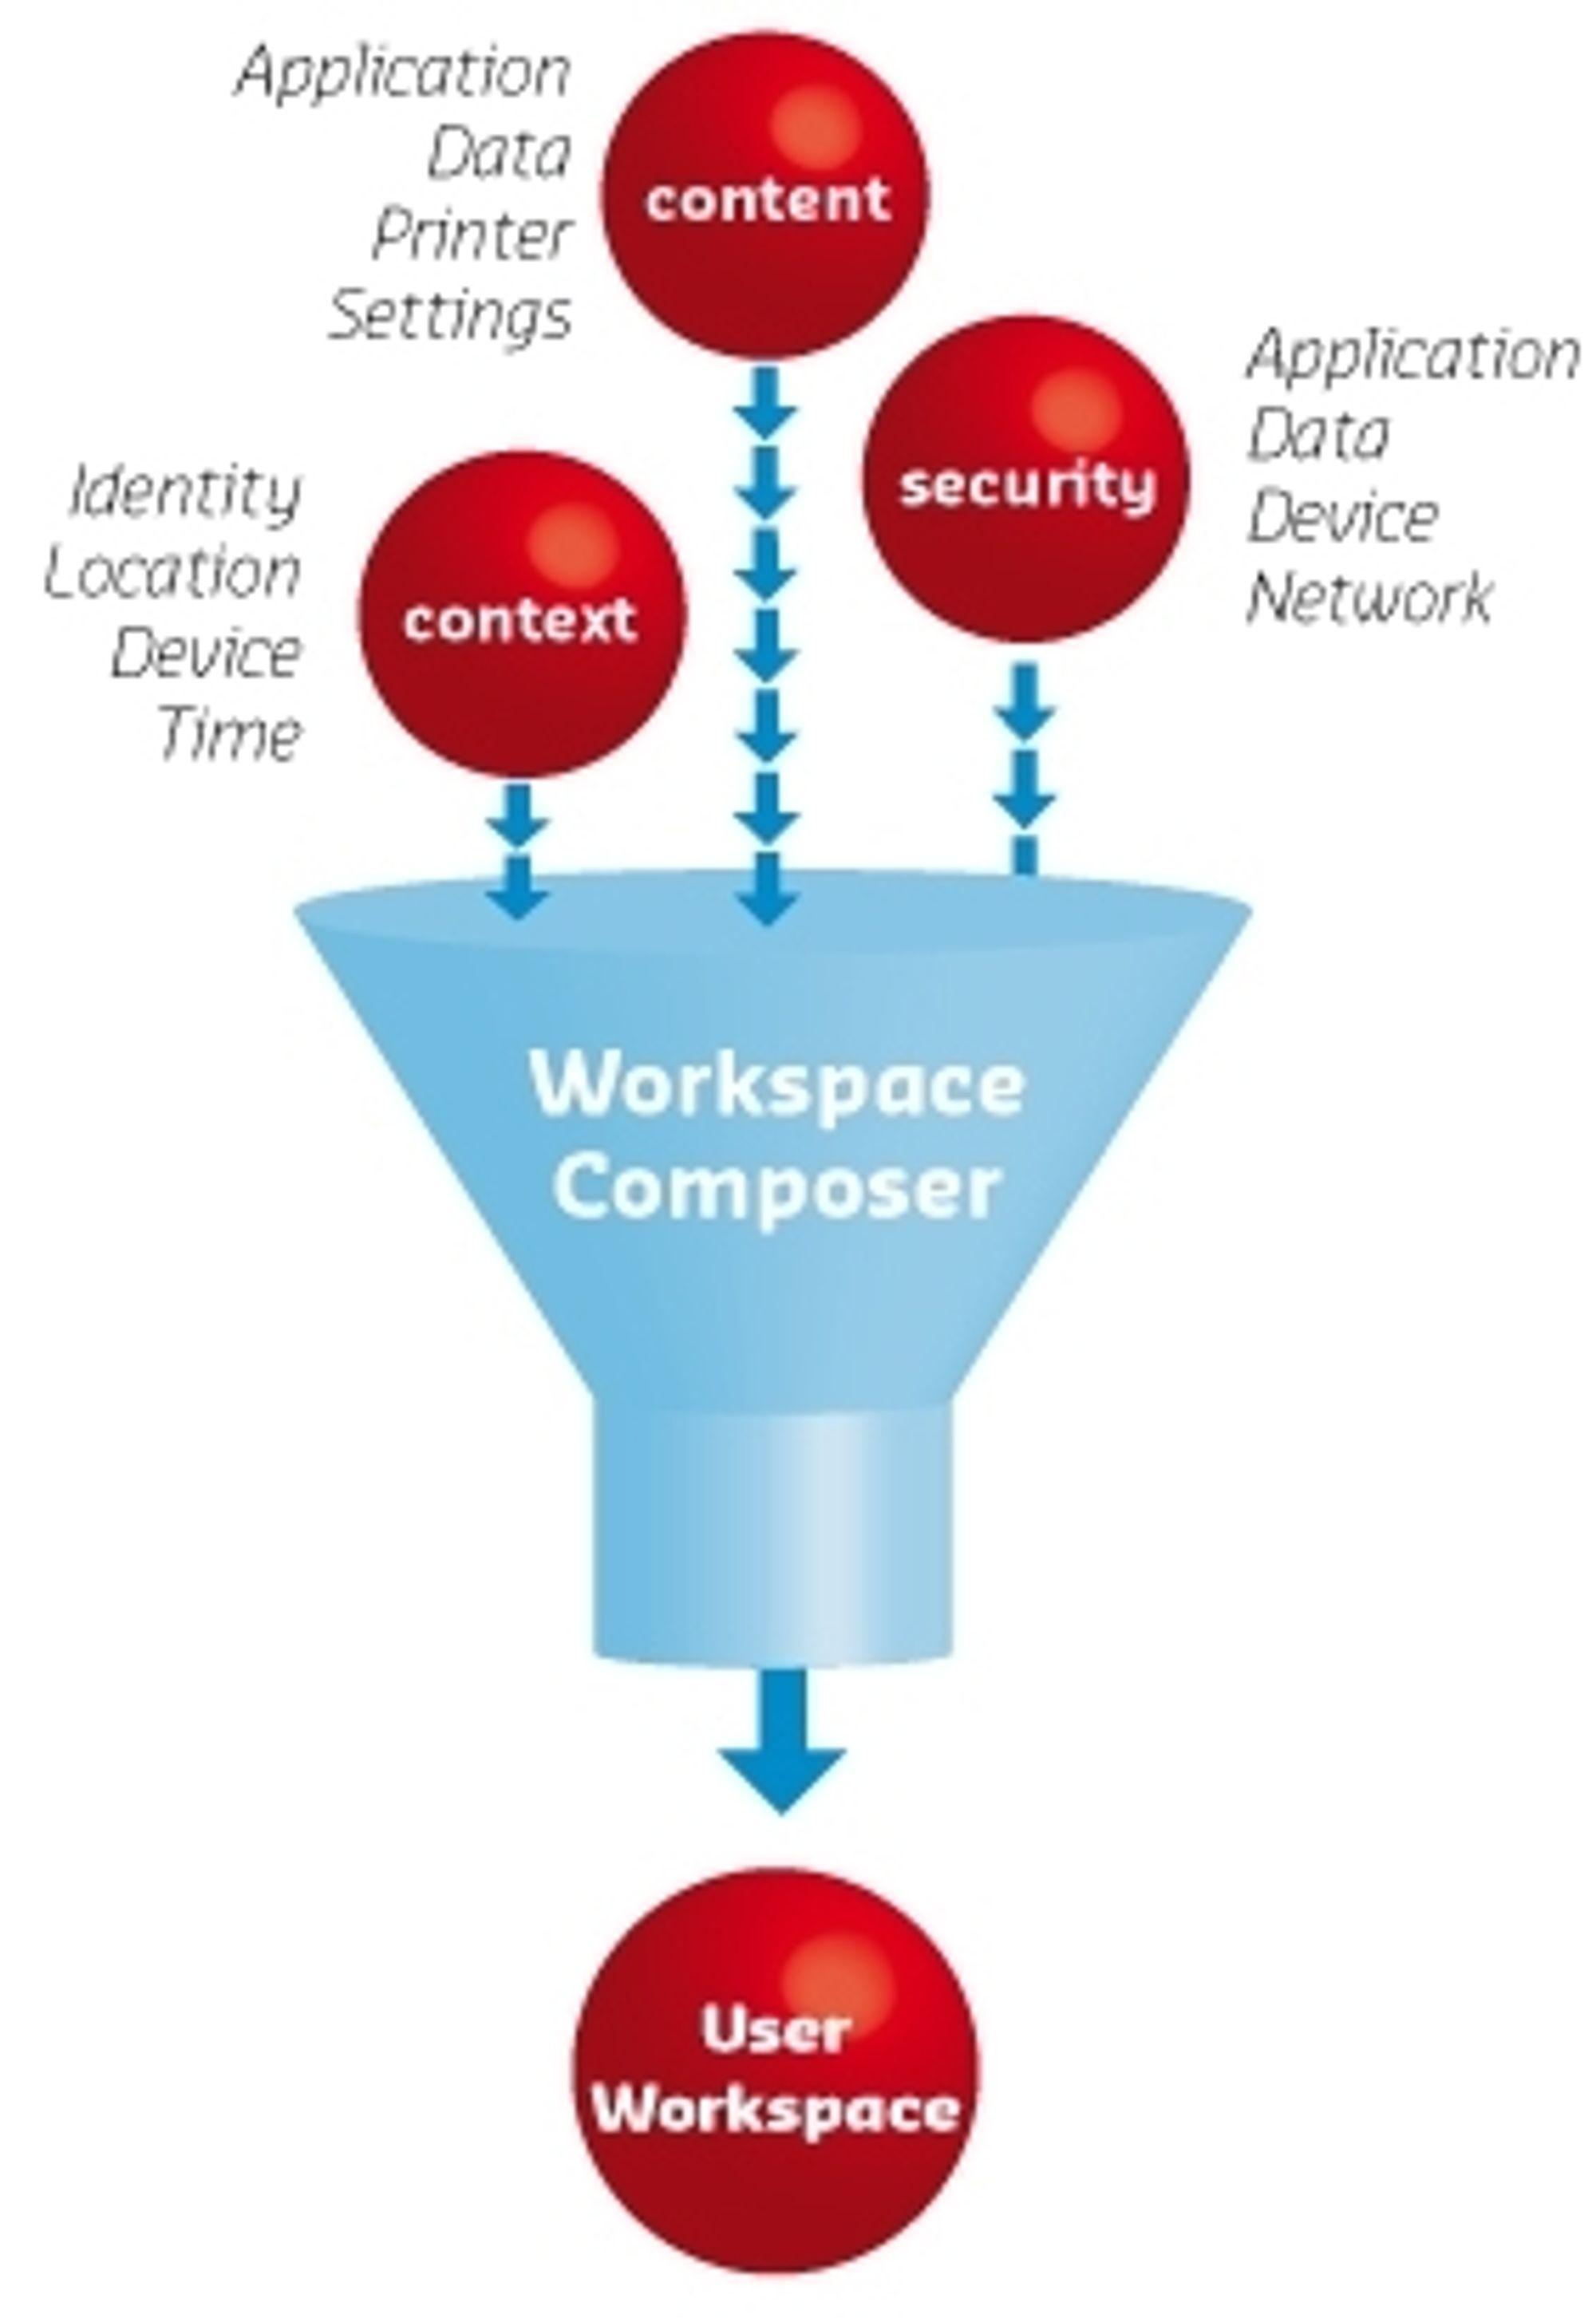 Brukerområdet settes sammen i Workspace Composer, en komponent som kjøres lokalt på pc-en.